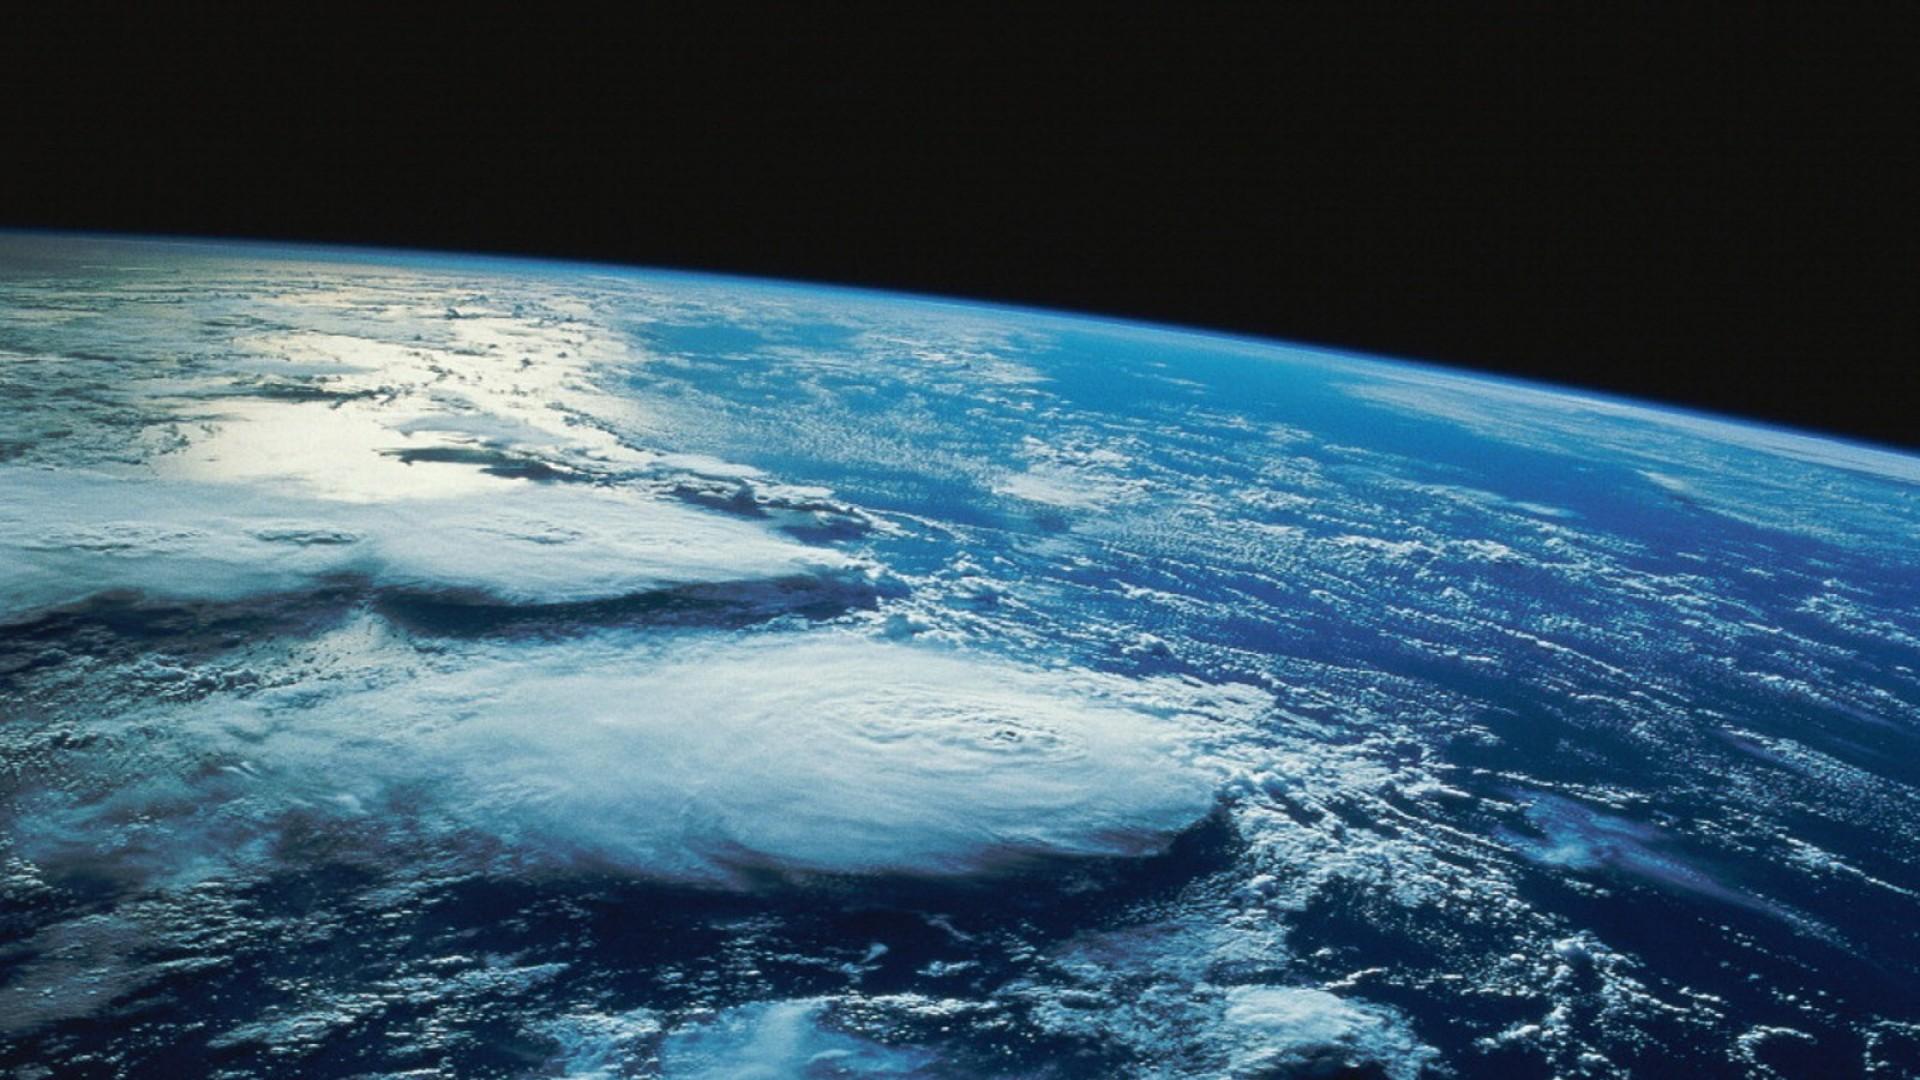 Hd Earth Wallpaper Desktop Pixelstalk Planet Earth Wallpaper Hd Background Download Desktop Iphones 1920x1080